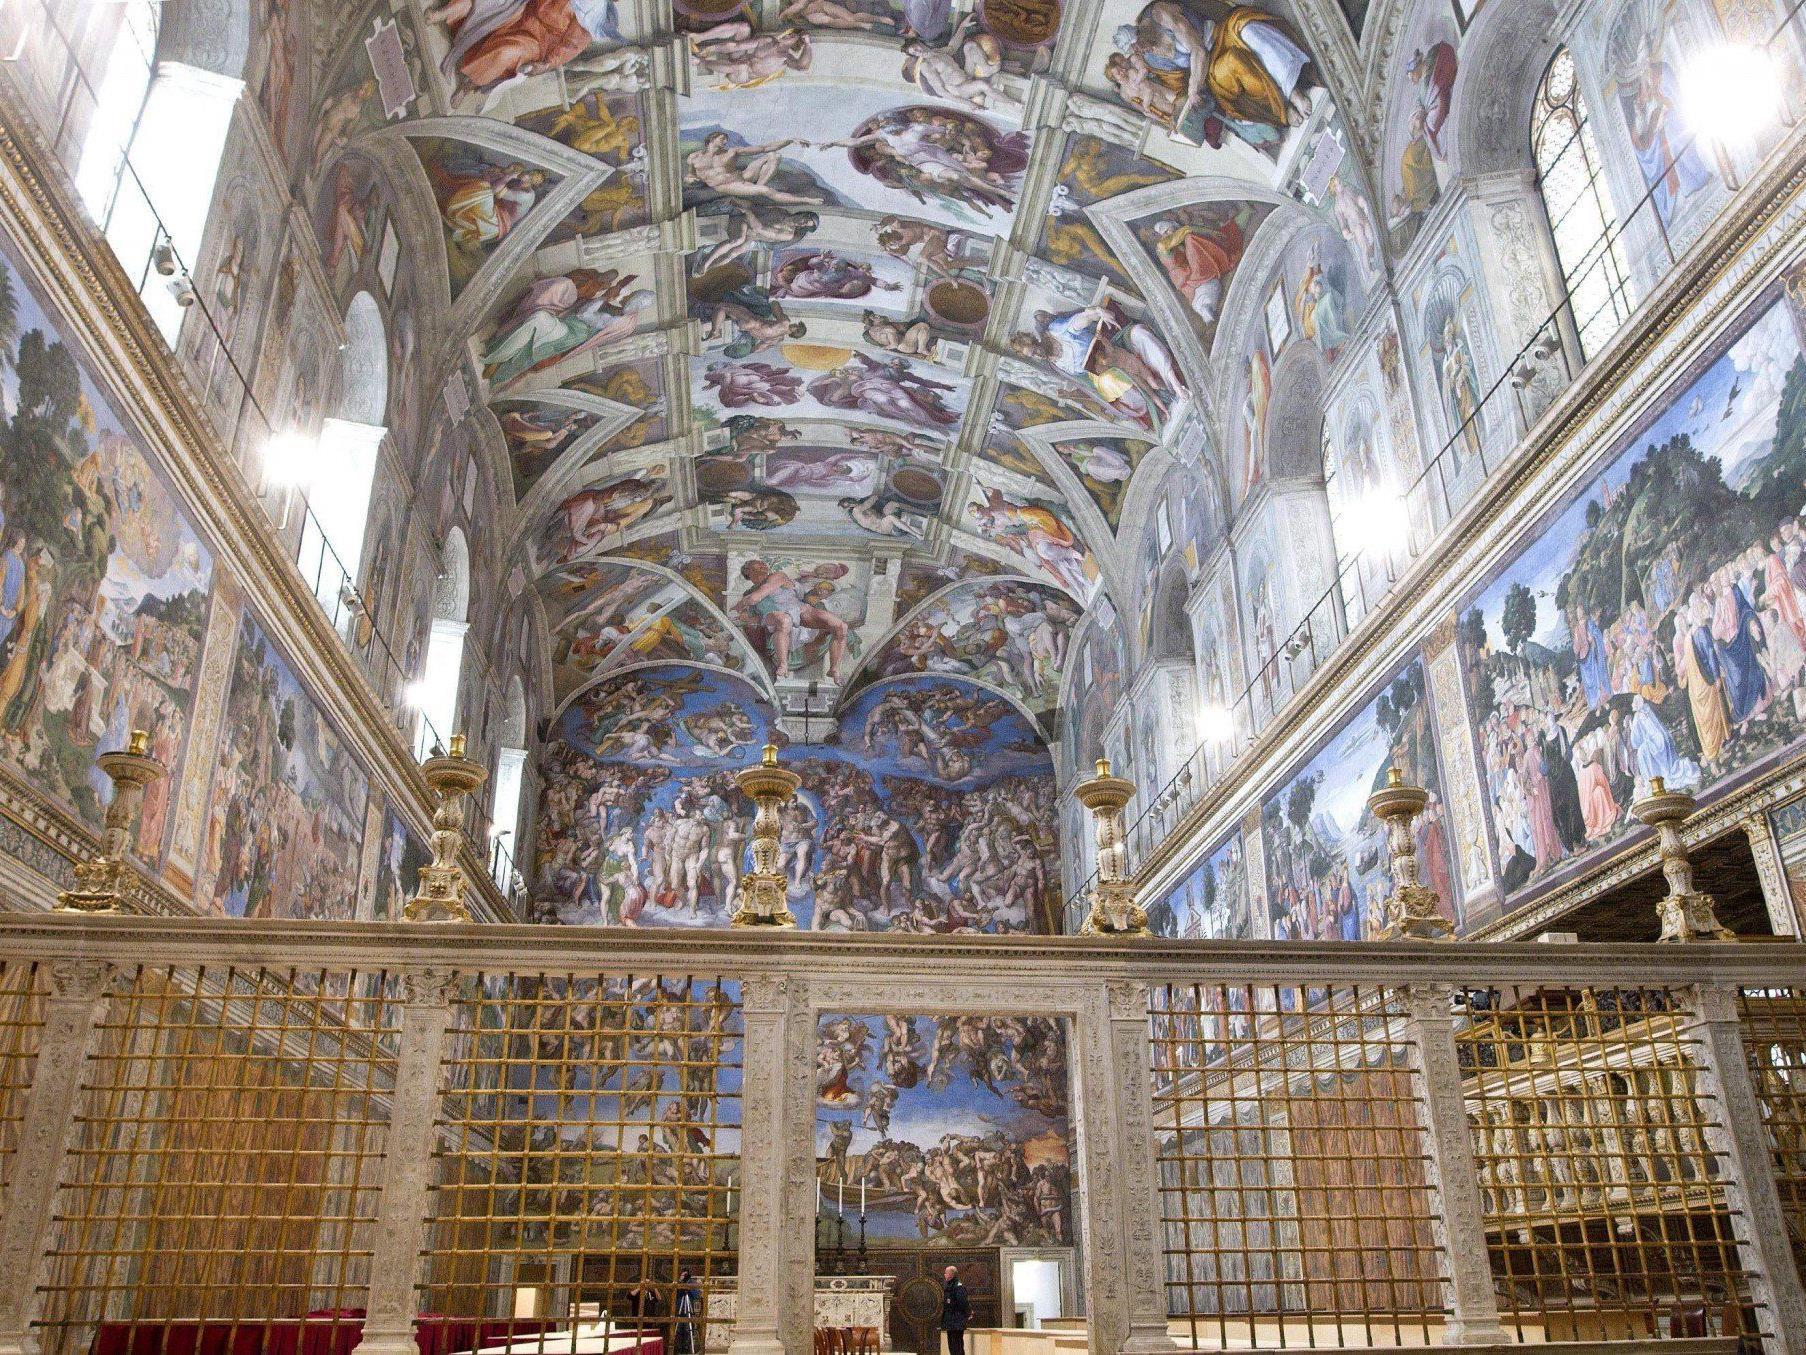 Versammlung der Kardinäle tritt seit 1878 in der Sixtinischen Kapelle zusammen.